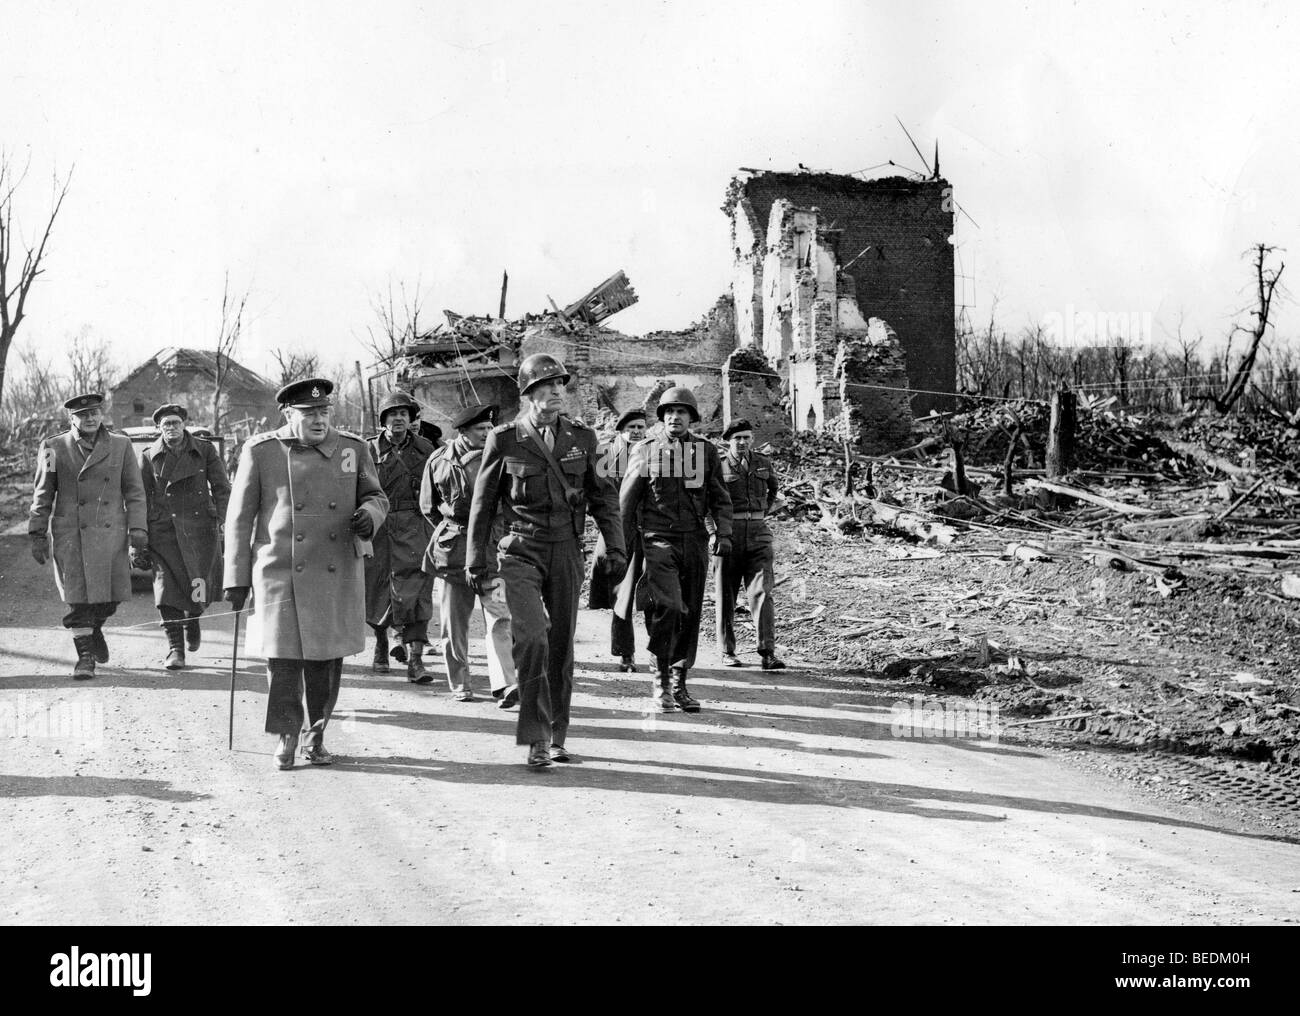 5525655 (9001135) Der britische Premierminister Winston CHURCHILL , vorne links mit Spazierstock , und der US-General - Stock Image